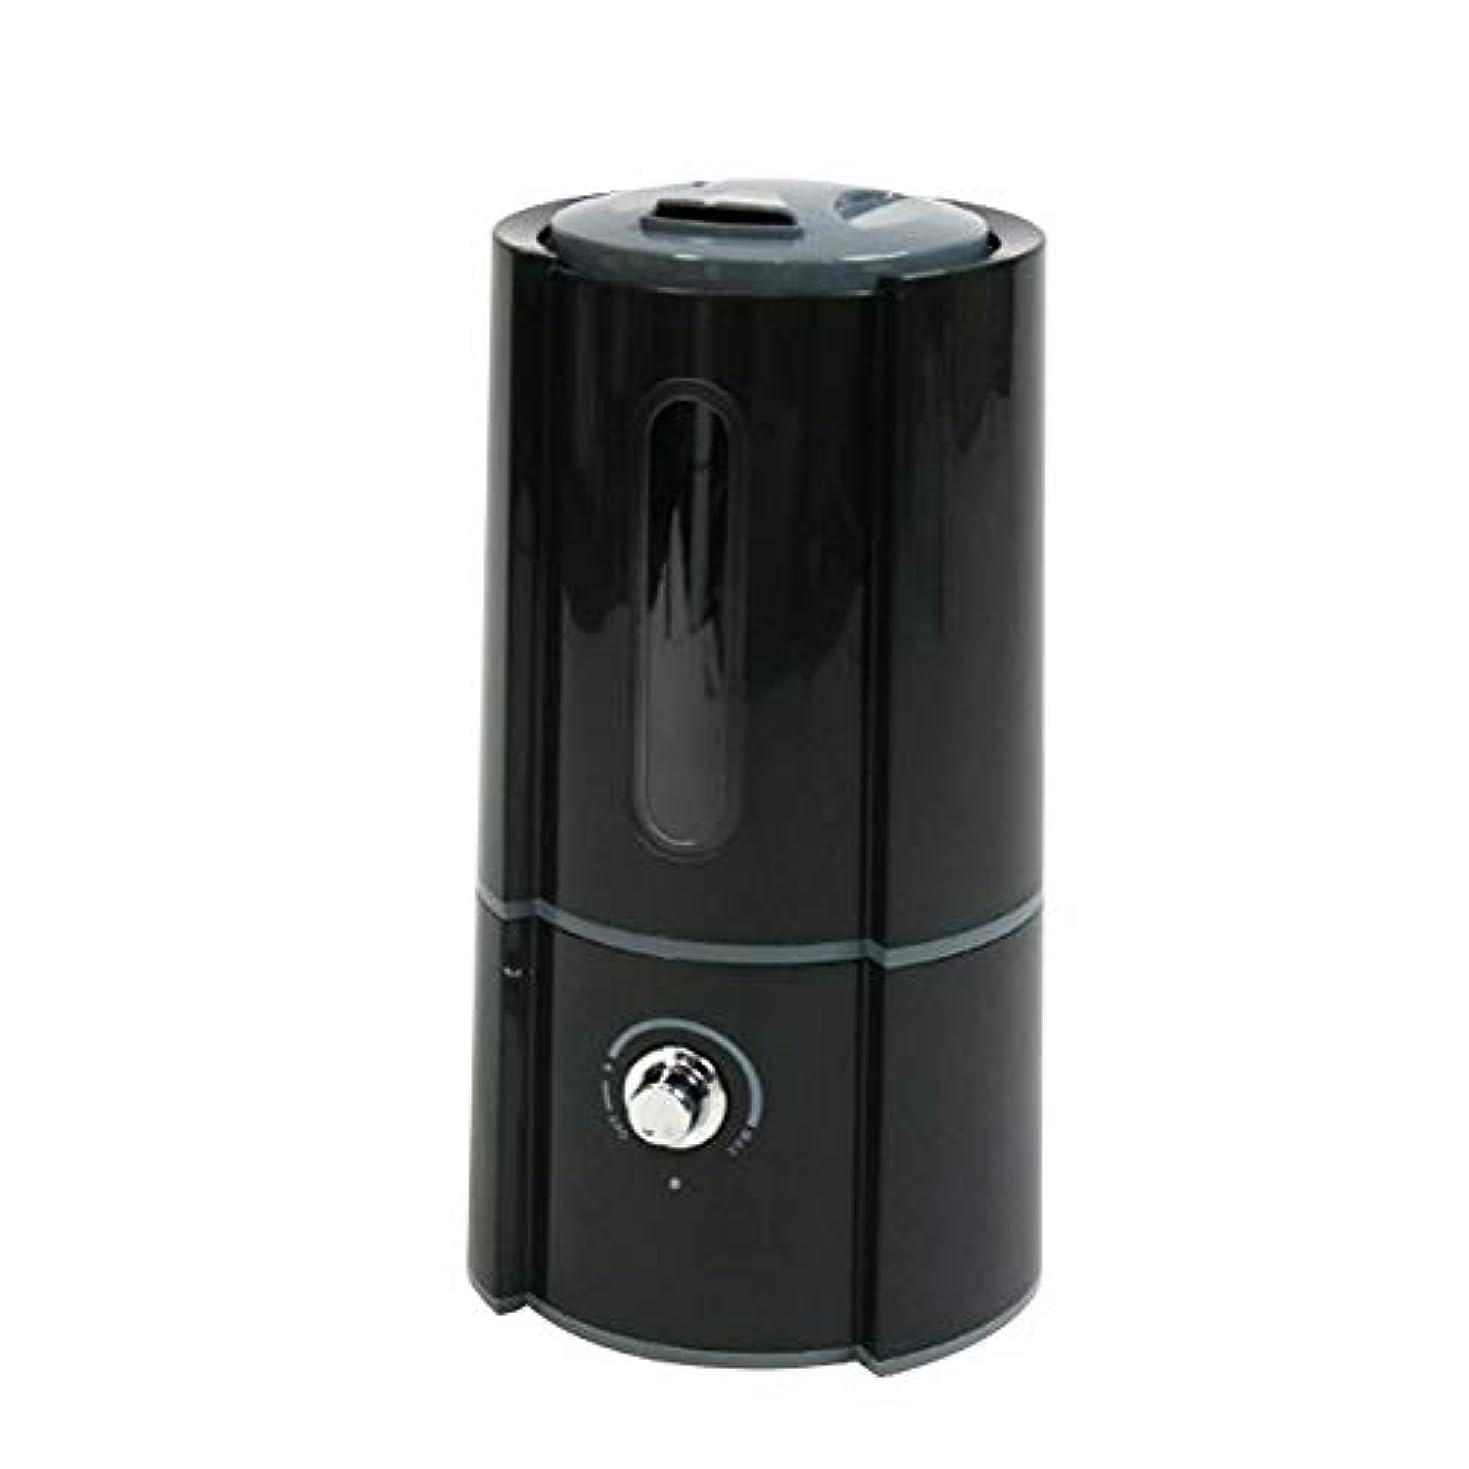 論理的に統合する遊具加湿器 超音波式 大容量 卓上 2.5L 400ml/h オフィス ディフューザー 加湿量調節 ブラック